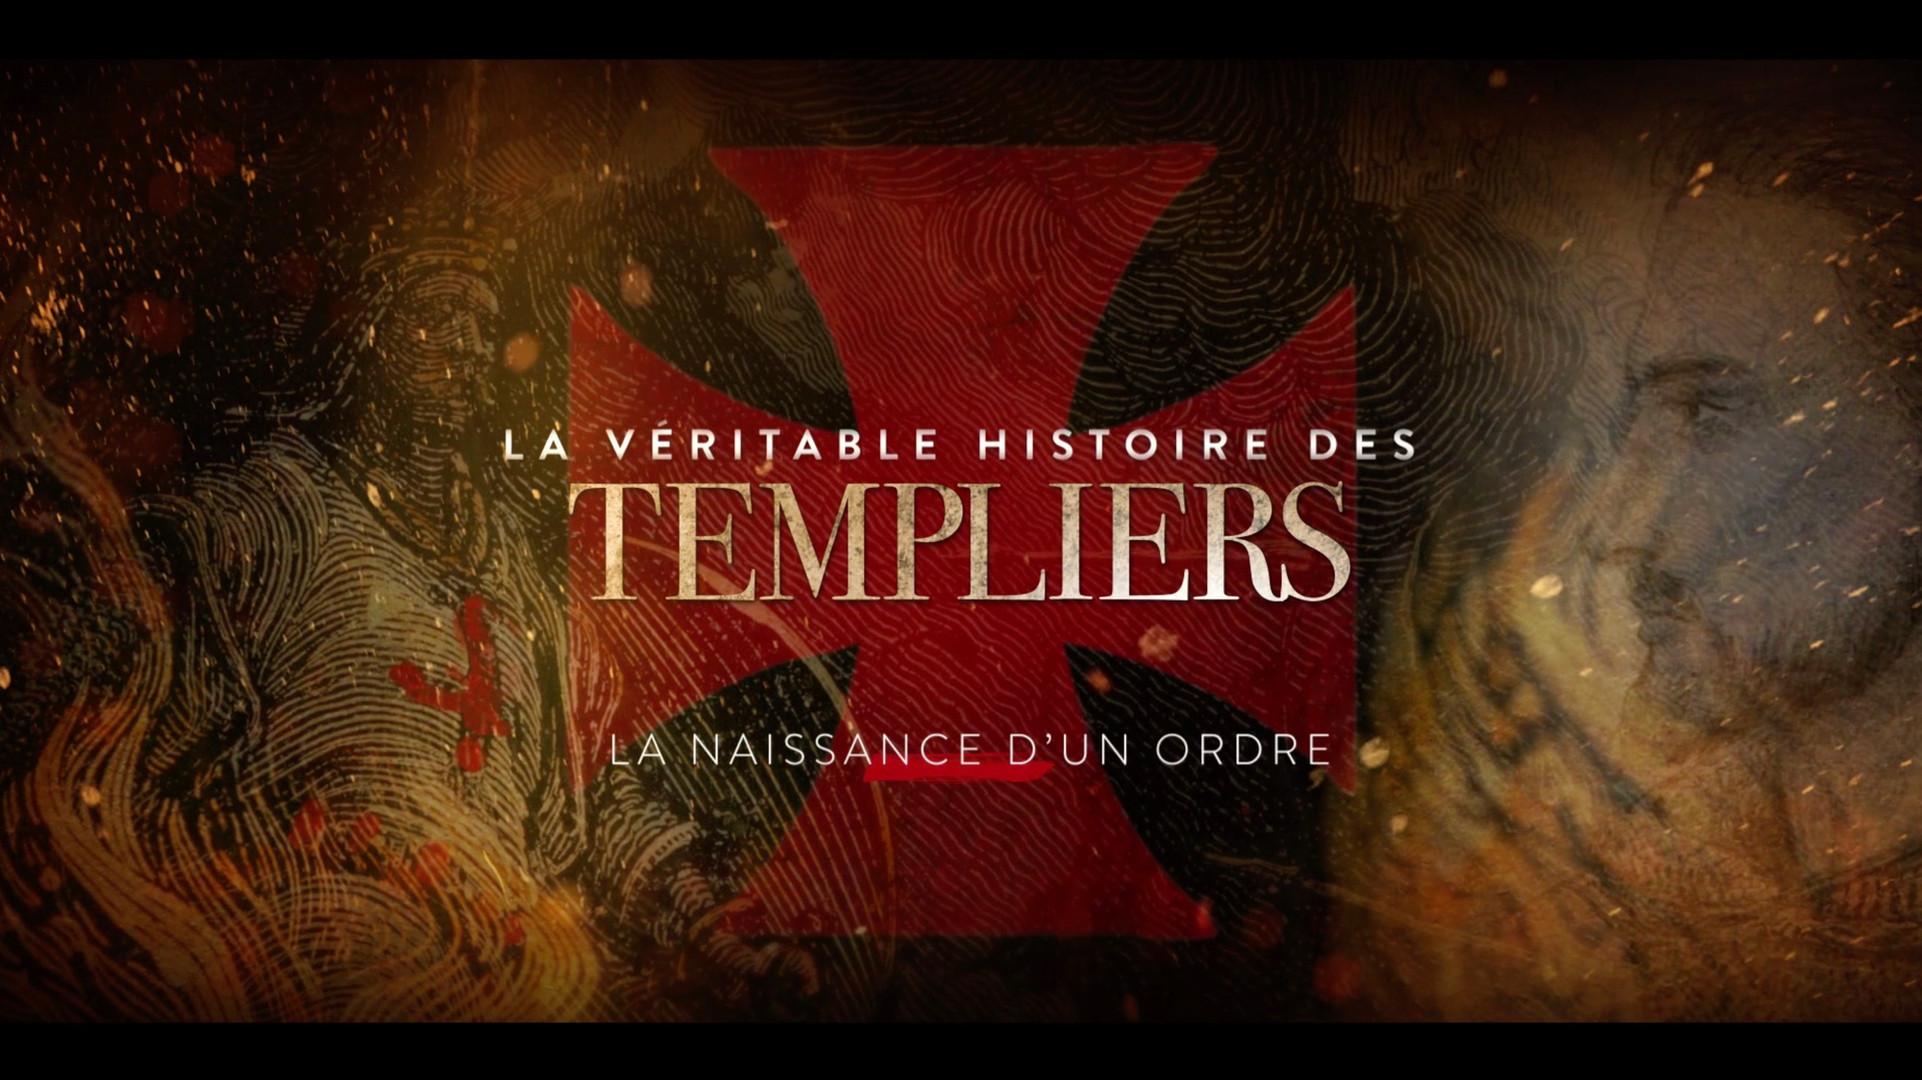 La Véritable Histoire des Templiers • 2020 (3*52 min)